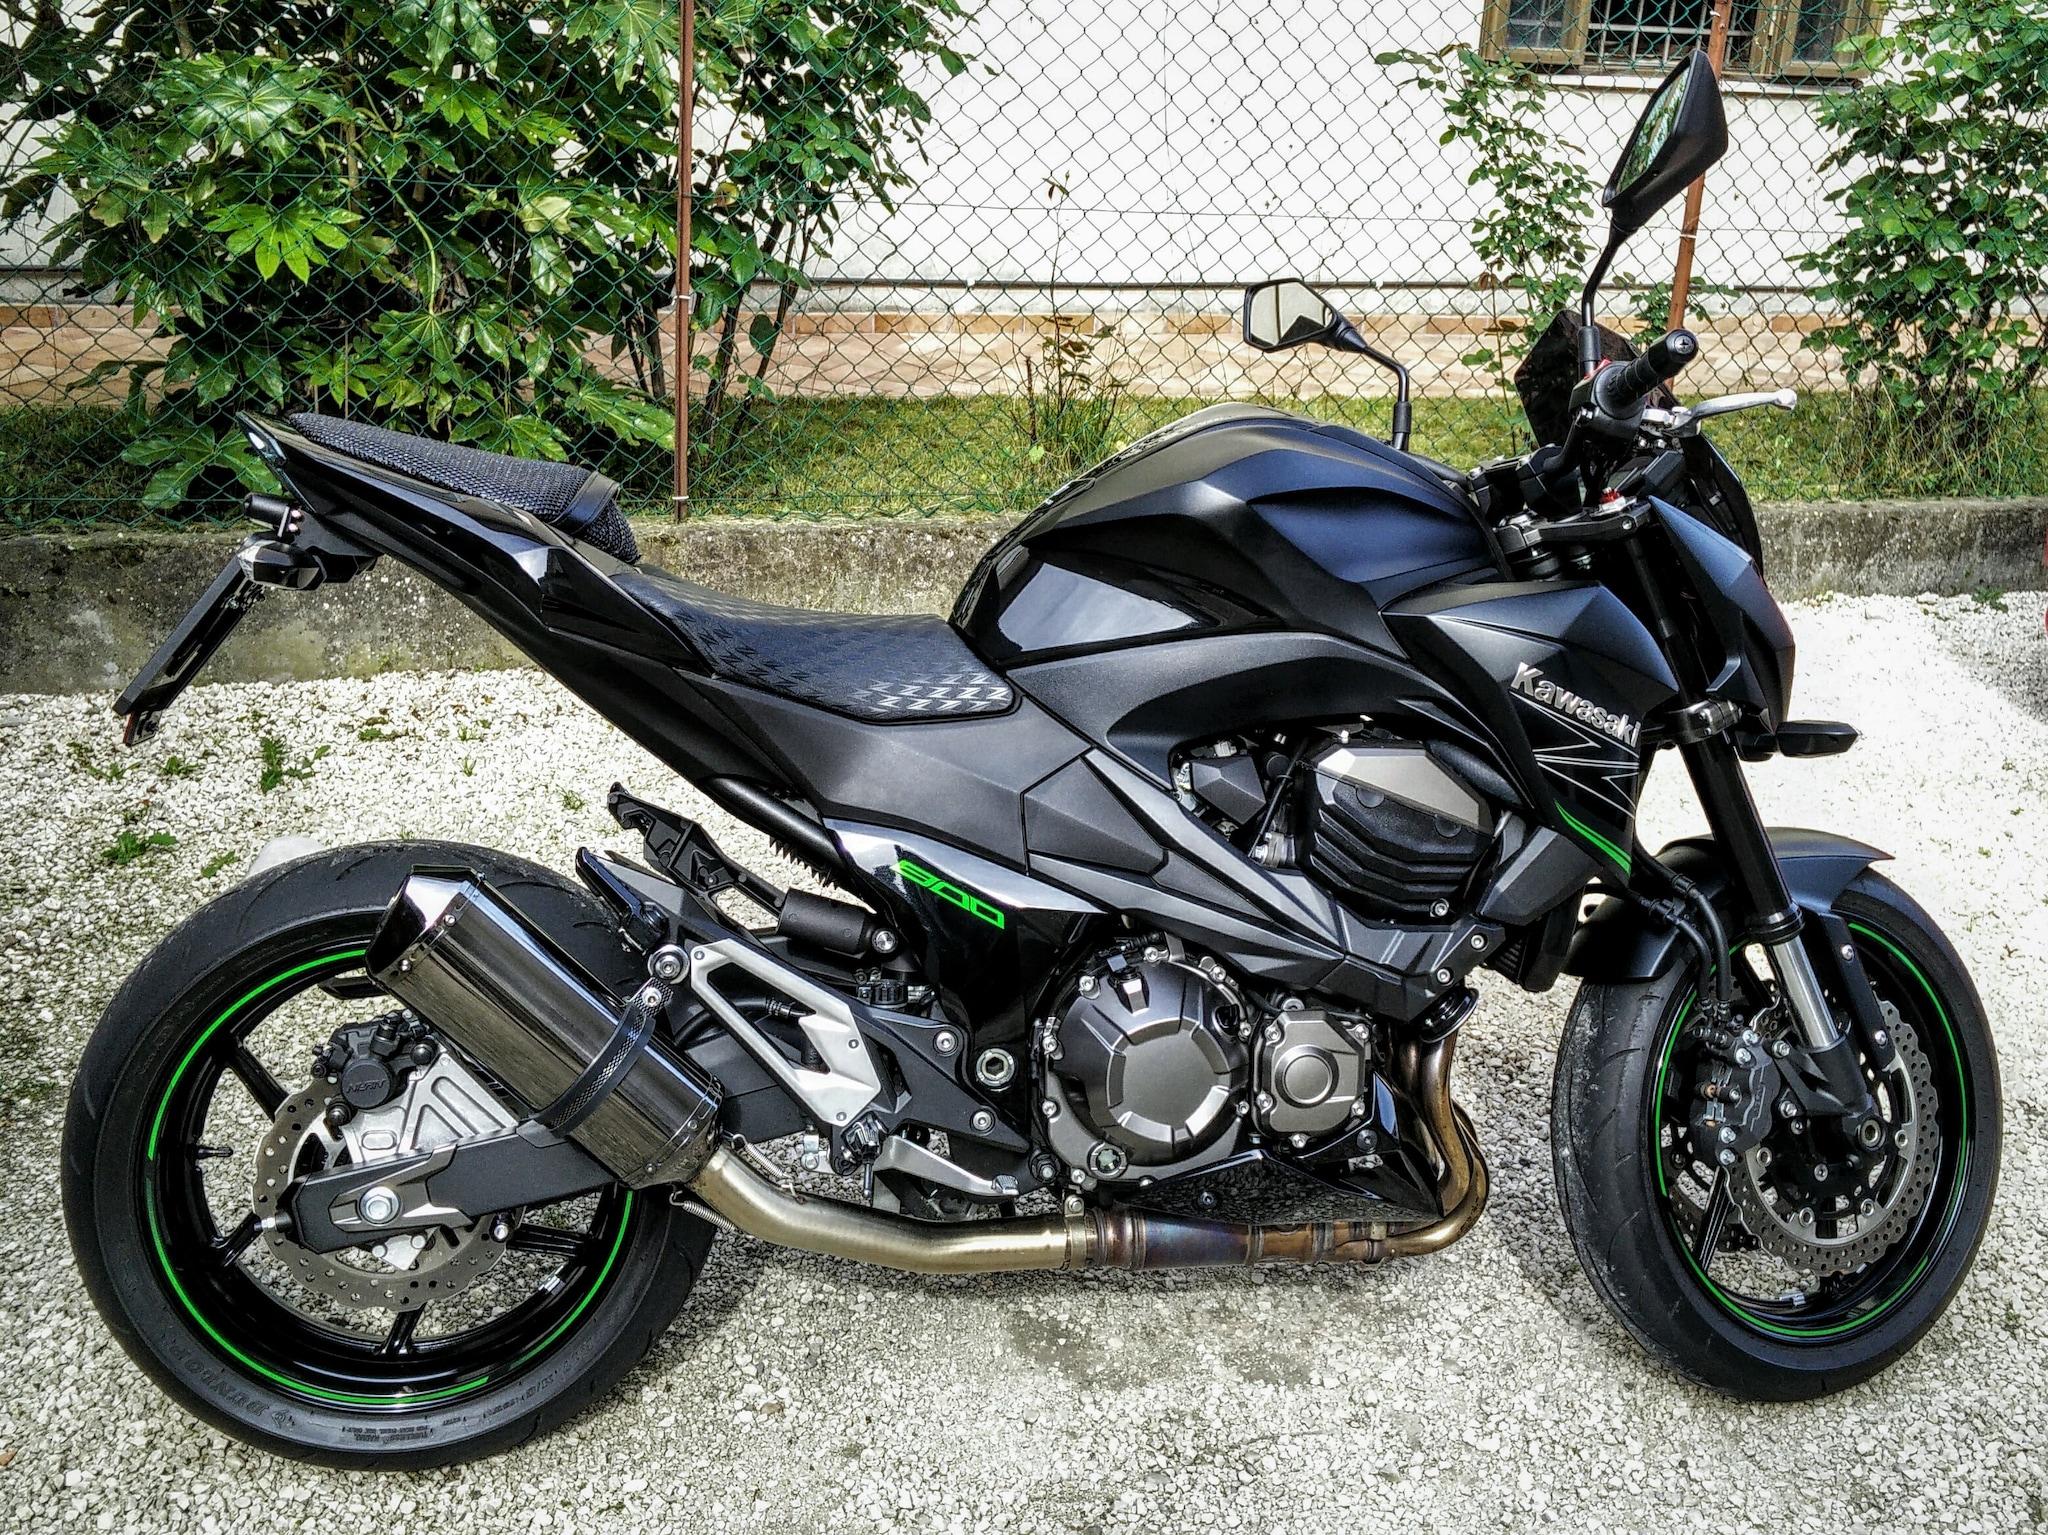 Kawasaki Z 800 ABS - Kawasaki Z800